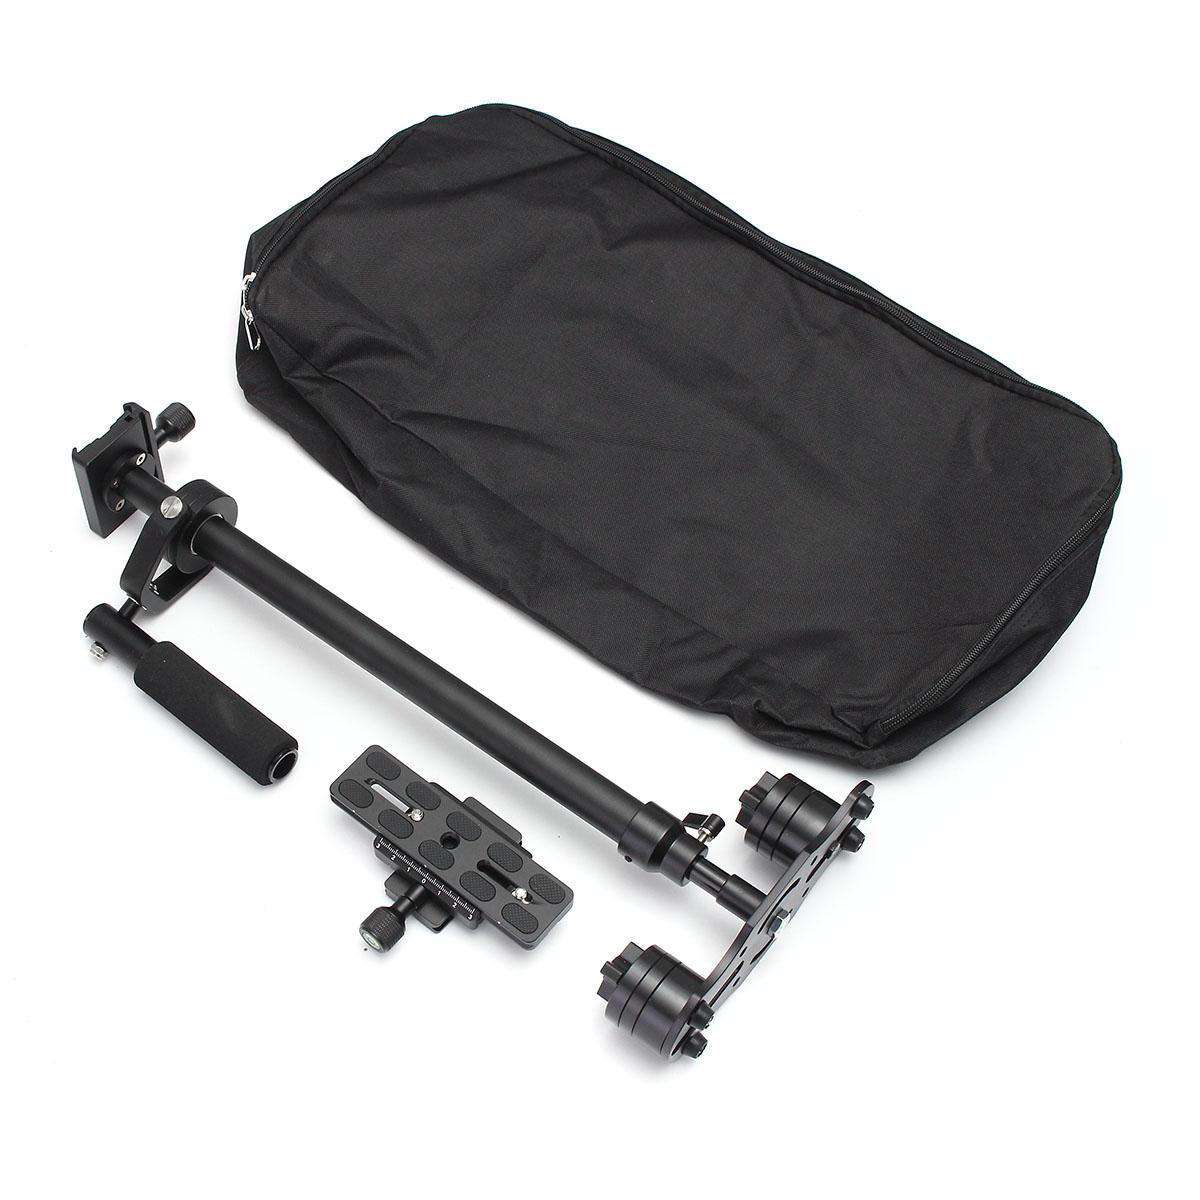 S80 Adjustable Steadicam Handheld Stabilizer With Bag For DSLR Camcorder Camera